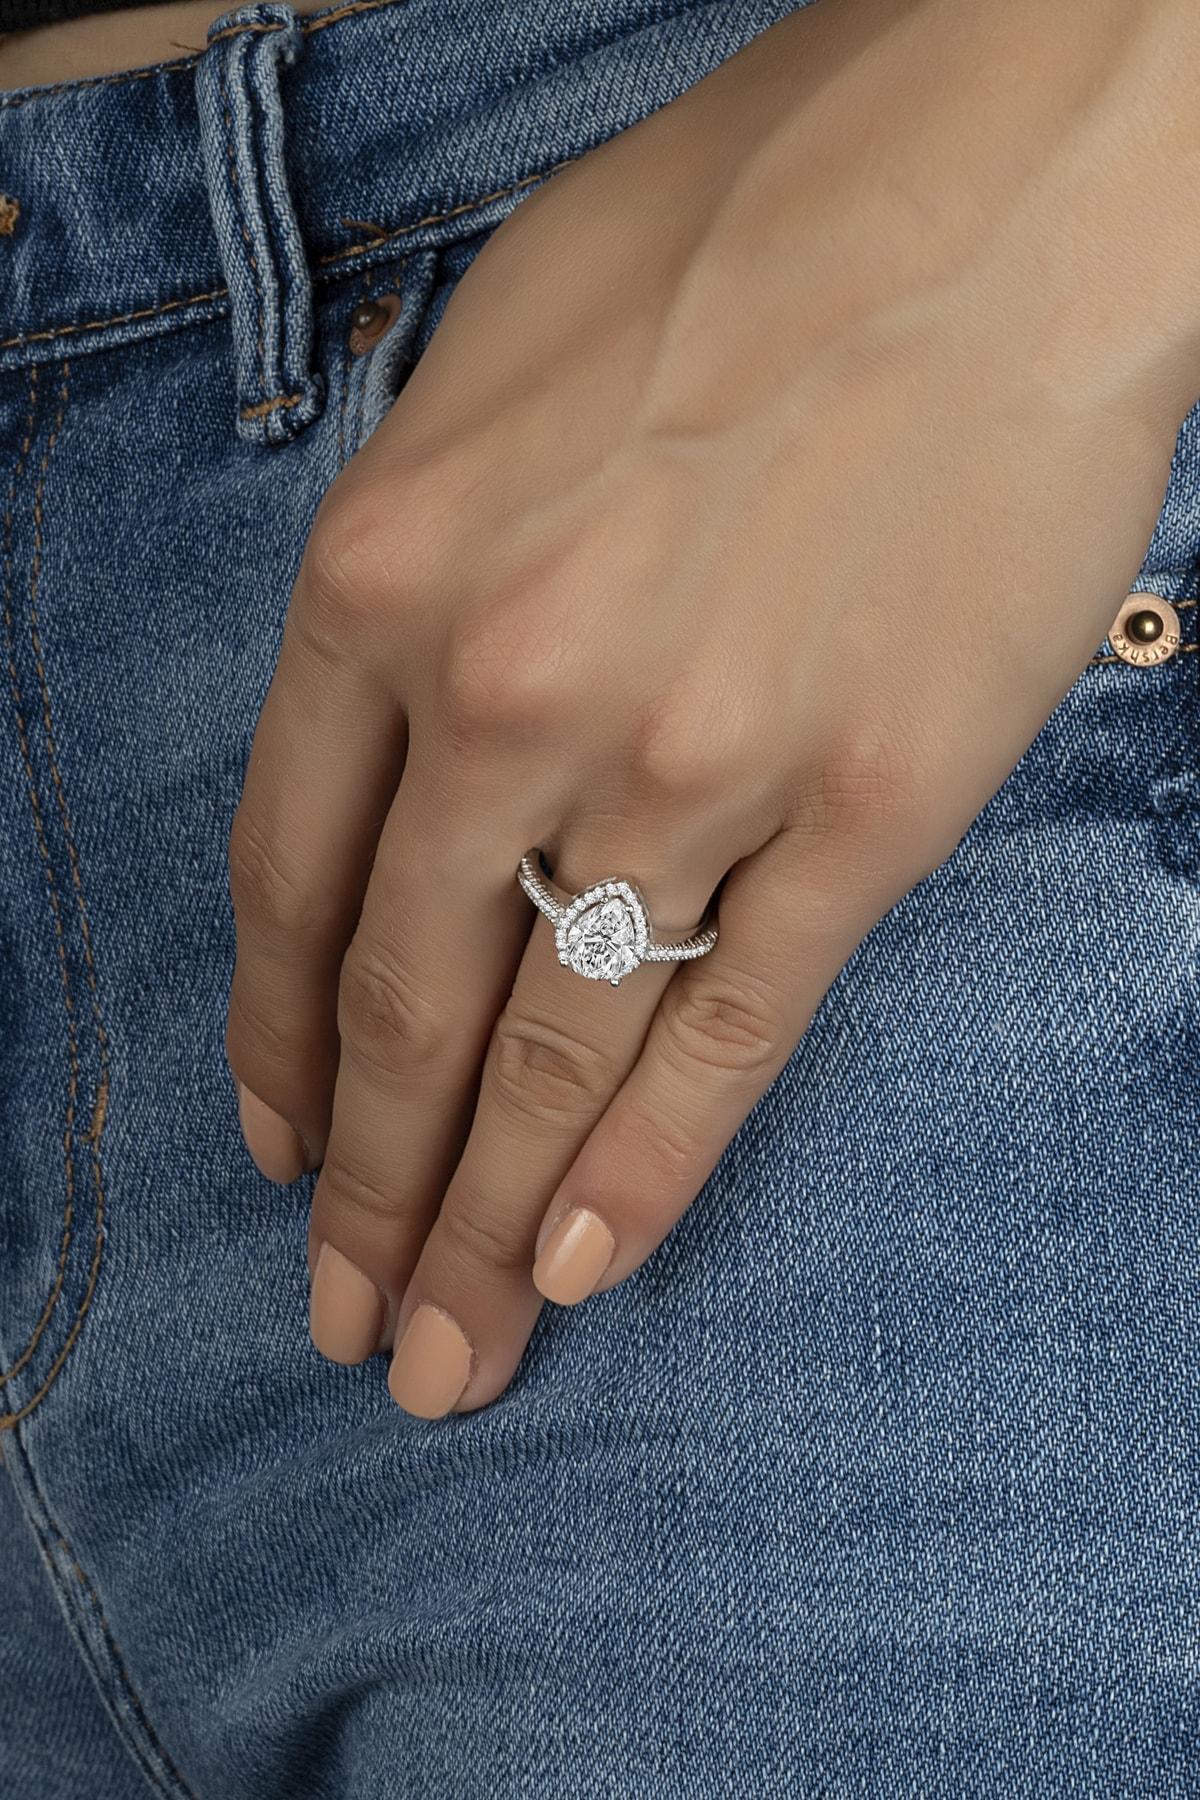 Else Silver Damla Tek Taşlı Pırlanta Tasarımı Gümüş Bayan Yüzüğü 1